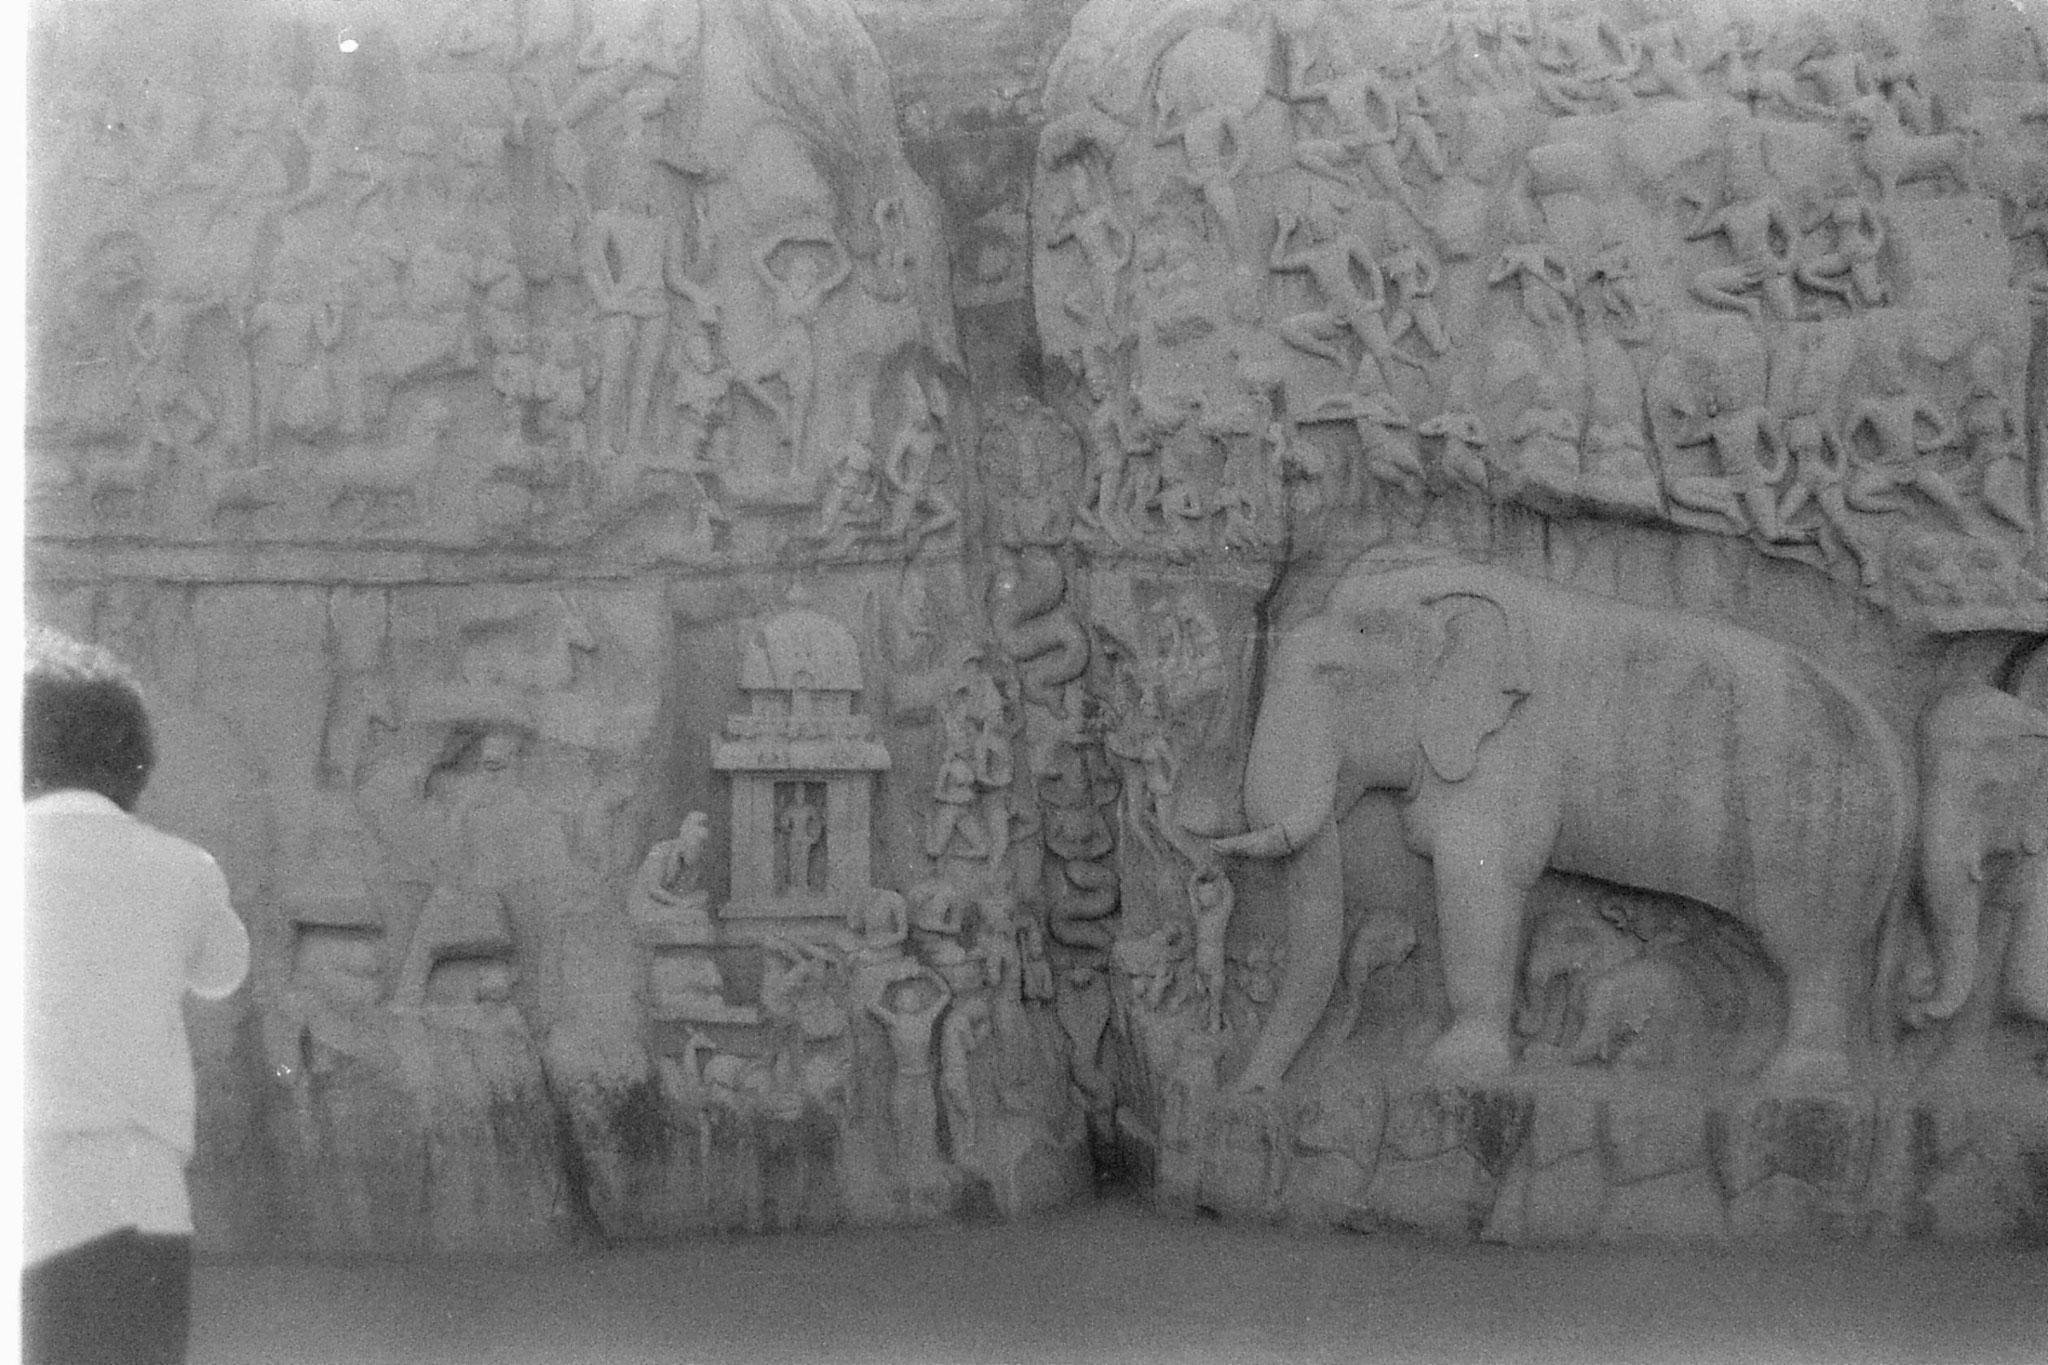 19/1/90: 27: Mahabalipuram - Arjuna penance to Shiva